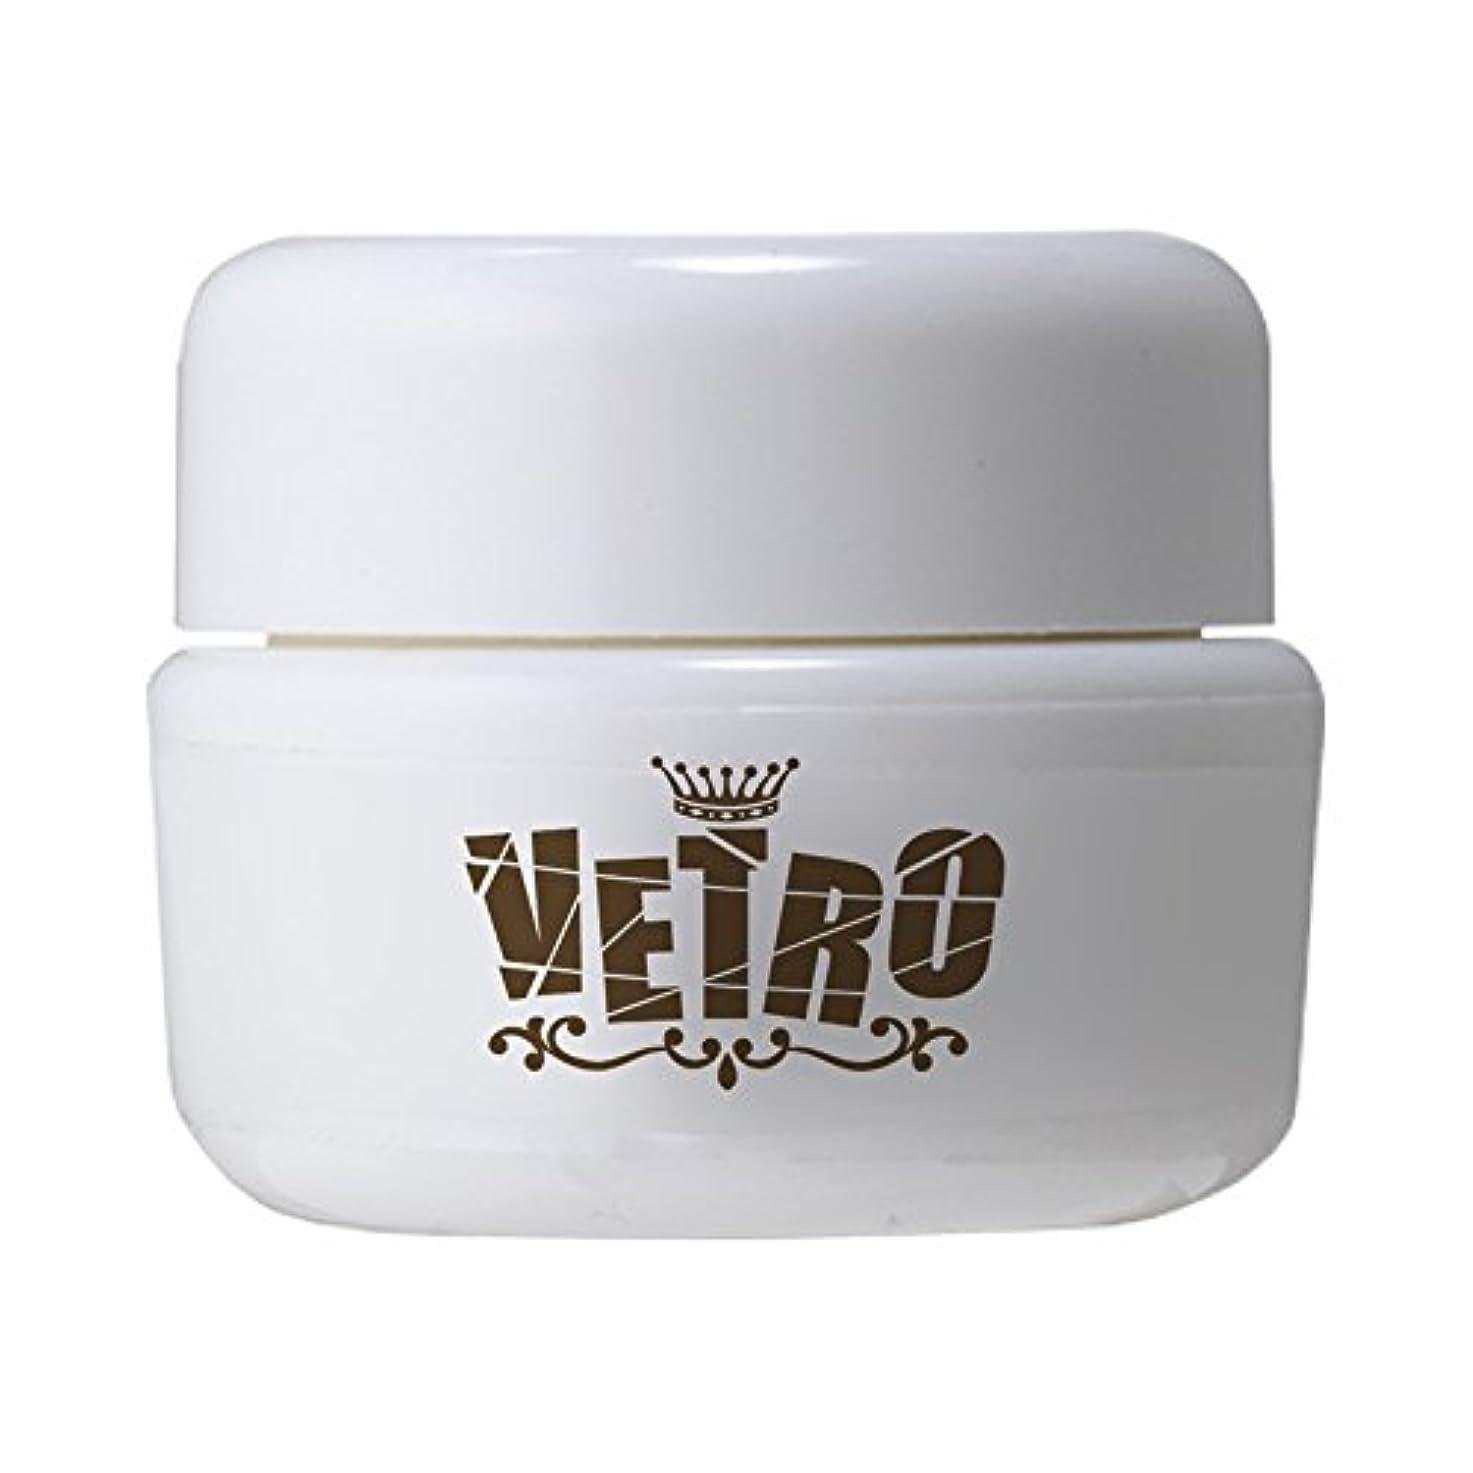 クリープ安全な前件VETRO No.19 カラージェル マット VL055 ホワイト 4ml